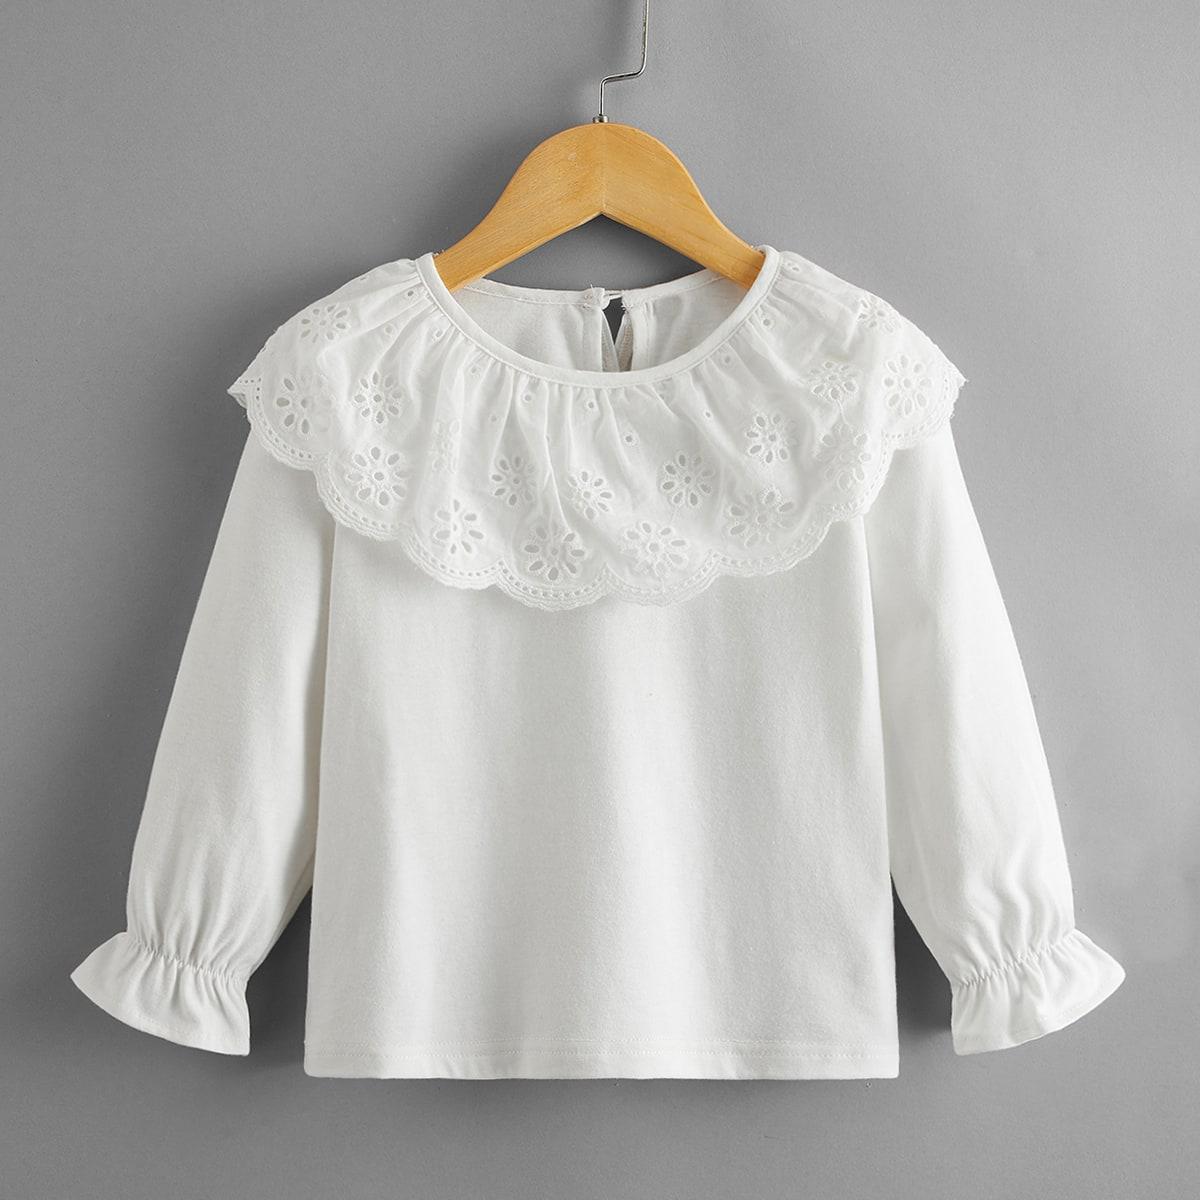 Блузка с ажурной вышивкой для девочек